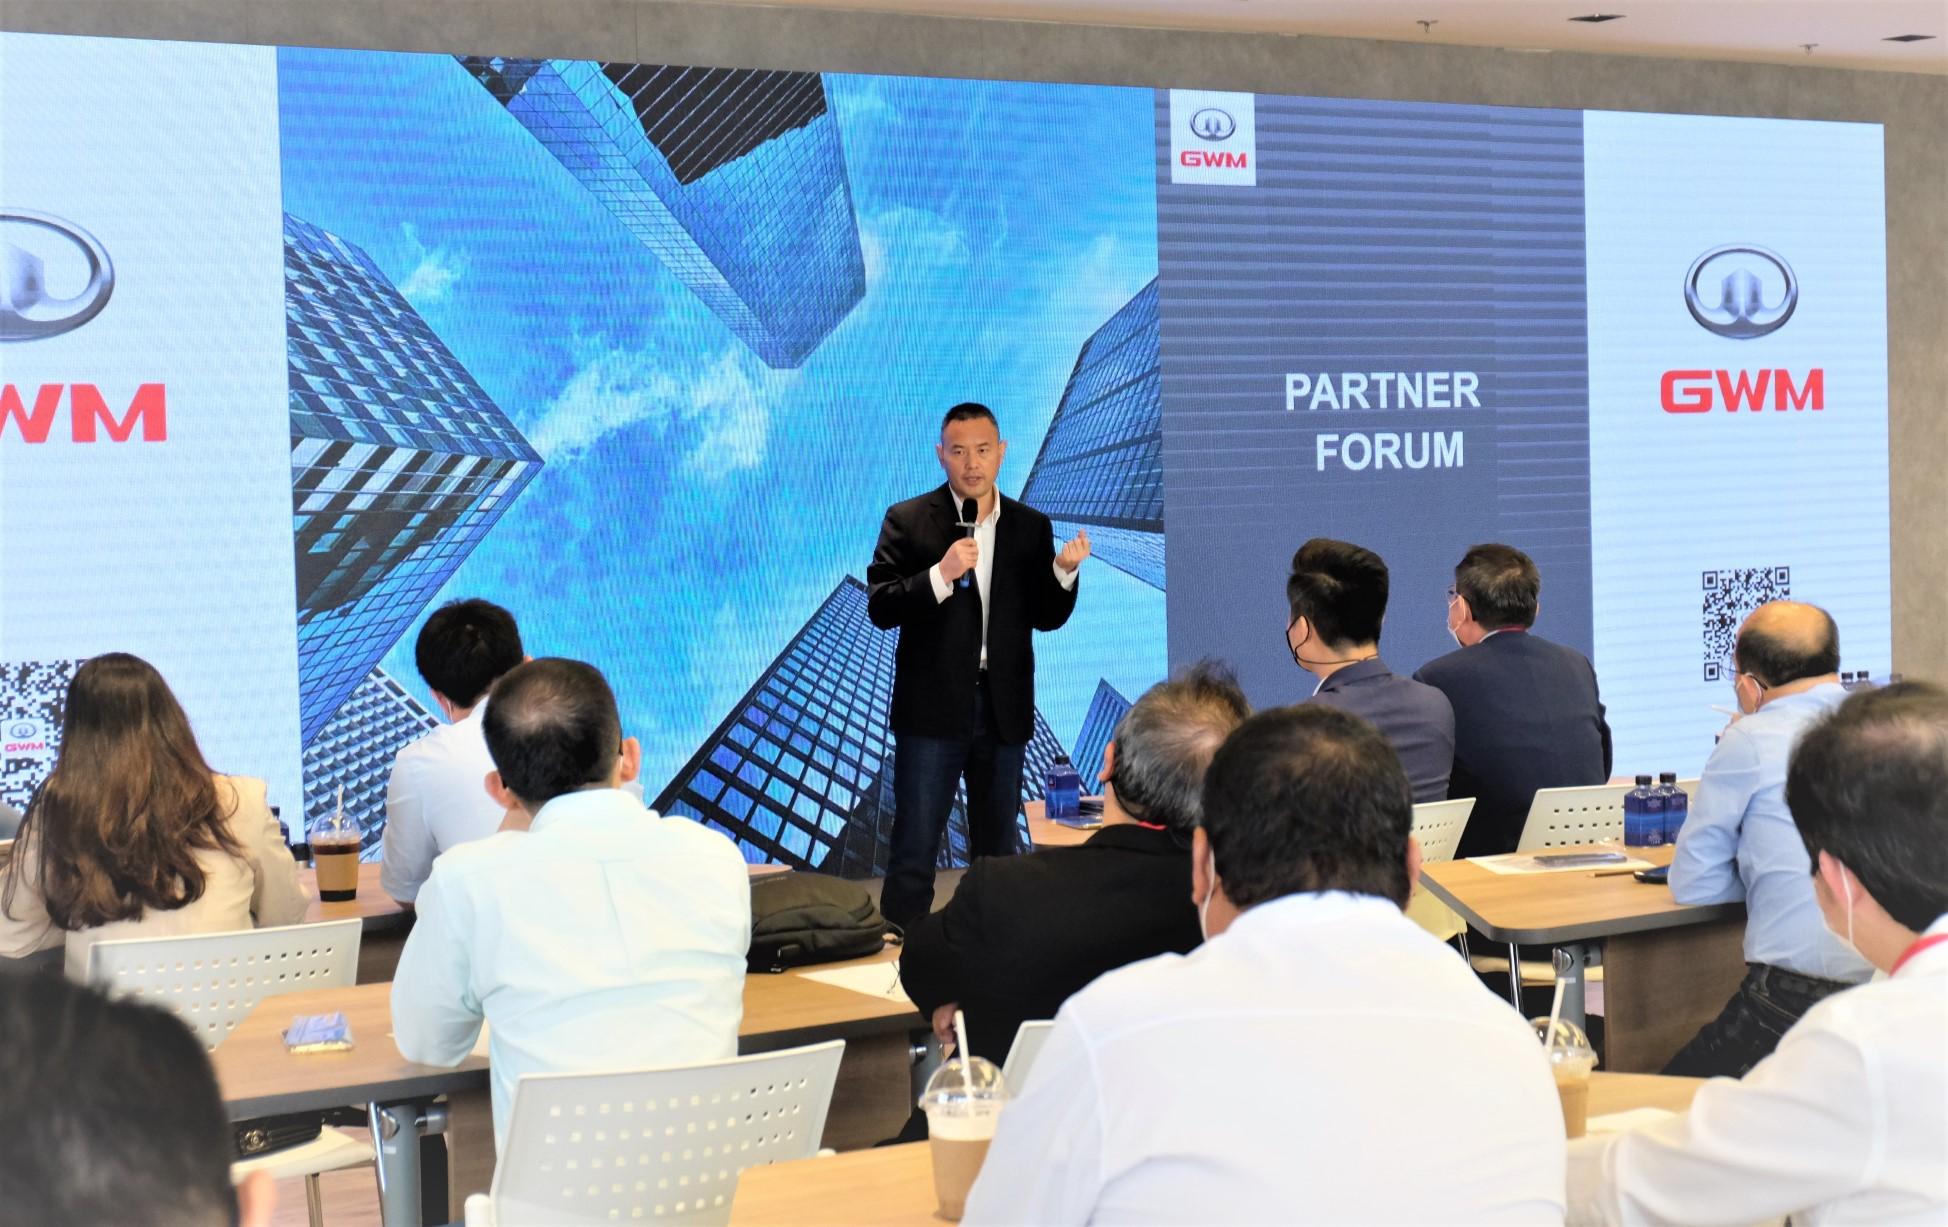 เกรท วอลล์ มอเตอร์ จัดงาน GWM Partner Forum ครั้งที่ 2 ร่วมพูดคุยพันธมิตรทางธุรกิจ ผลักดันกลยุทธ์ New User Experience